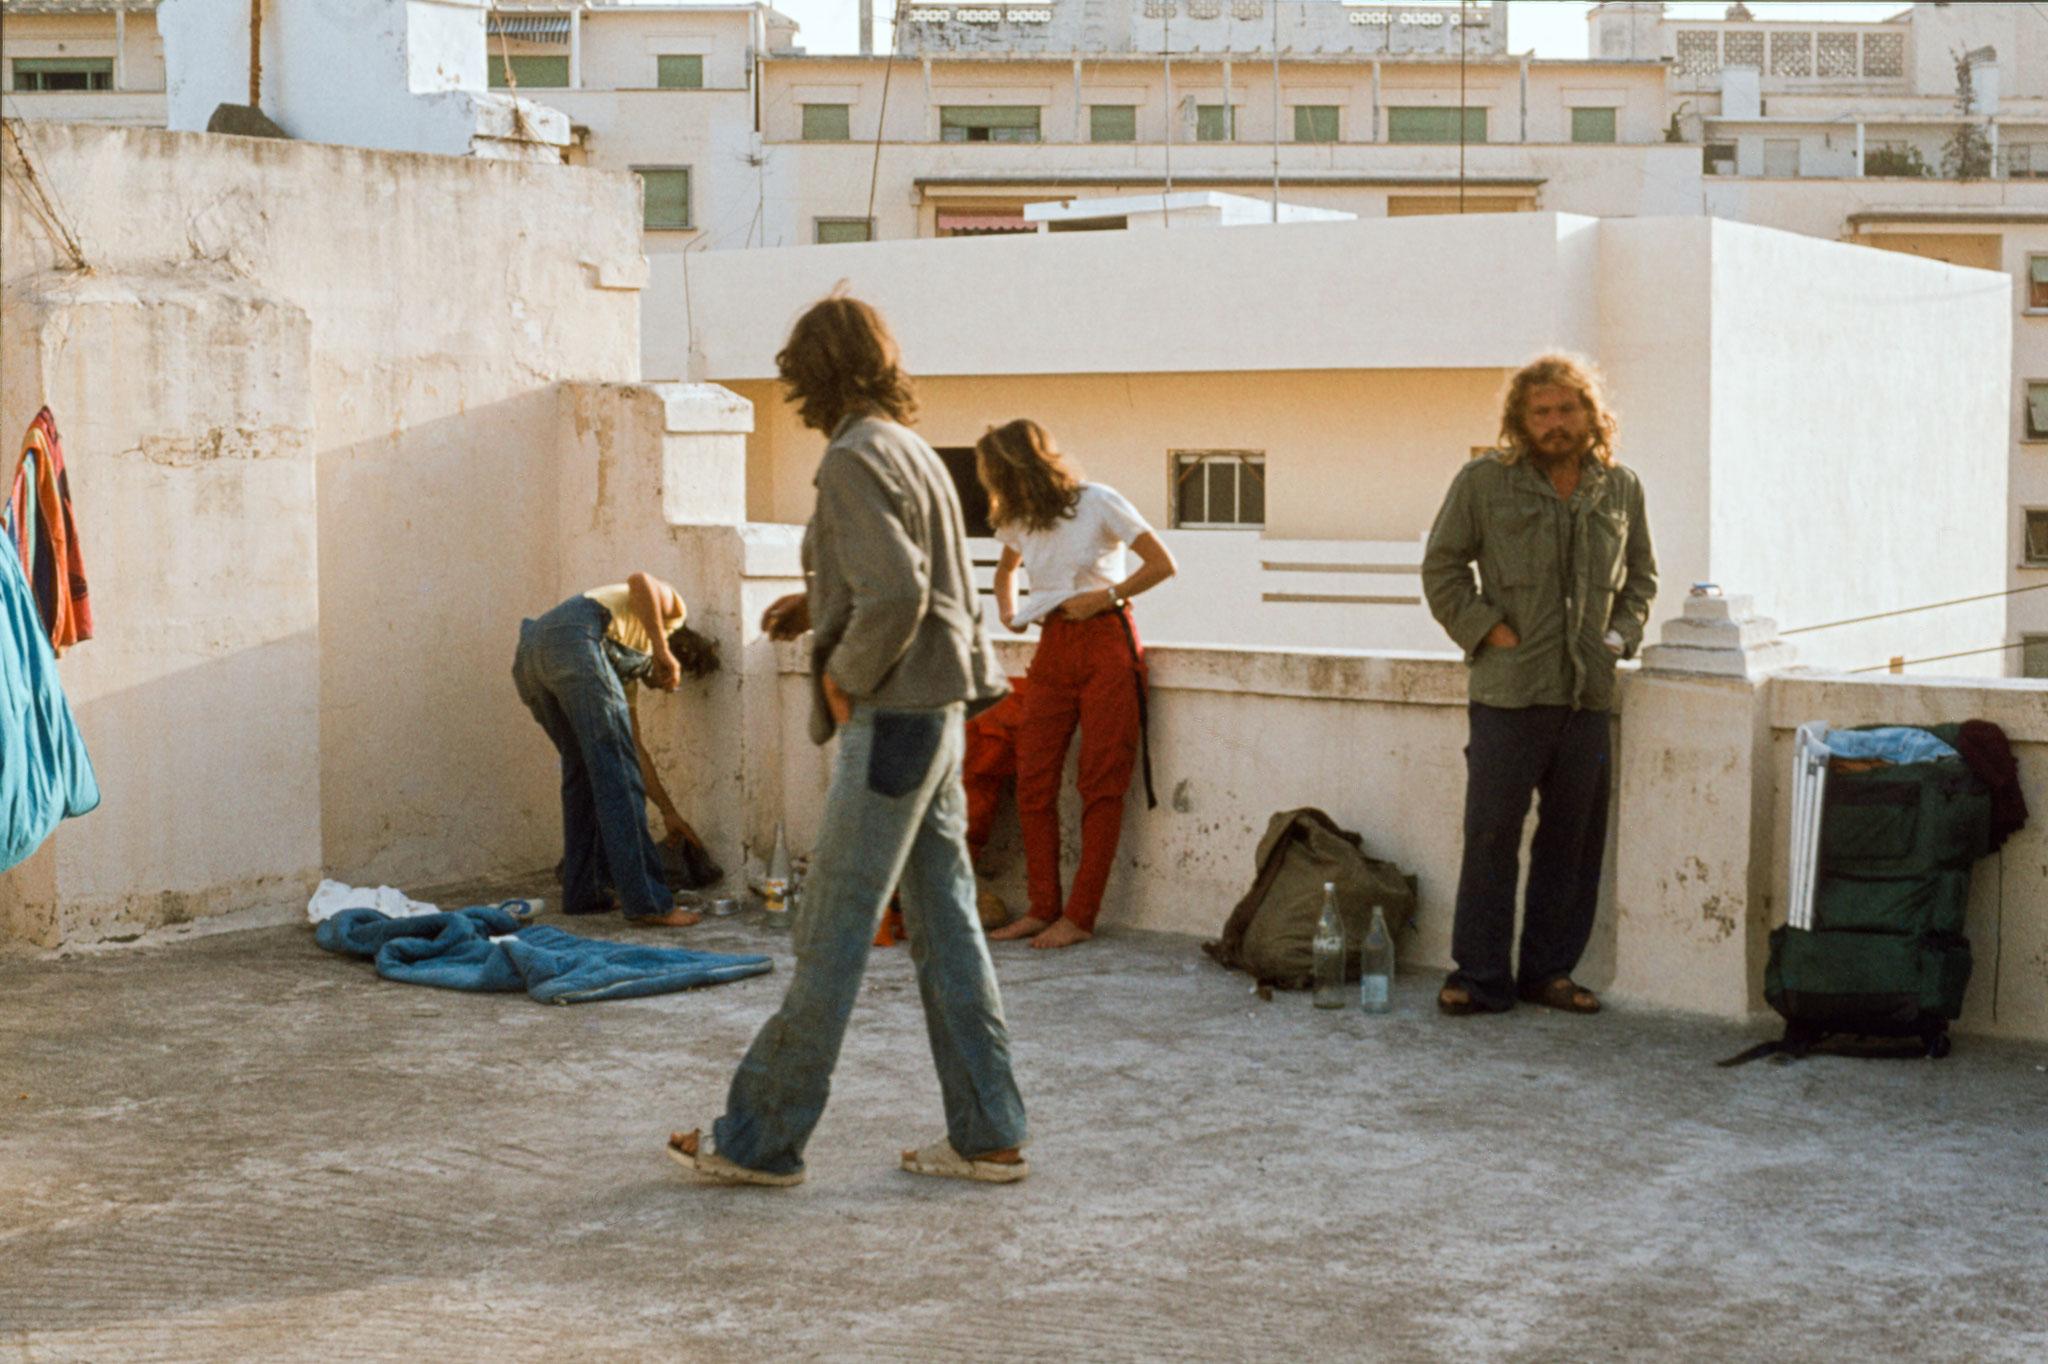 erste Übernachtung in Tanger auf dem Dach eines Hotels zusammen mit anderen Rucksacktouristen